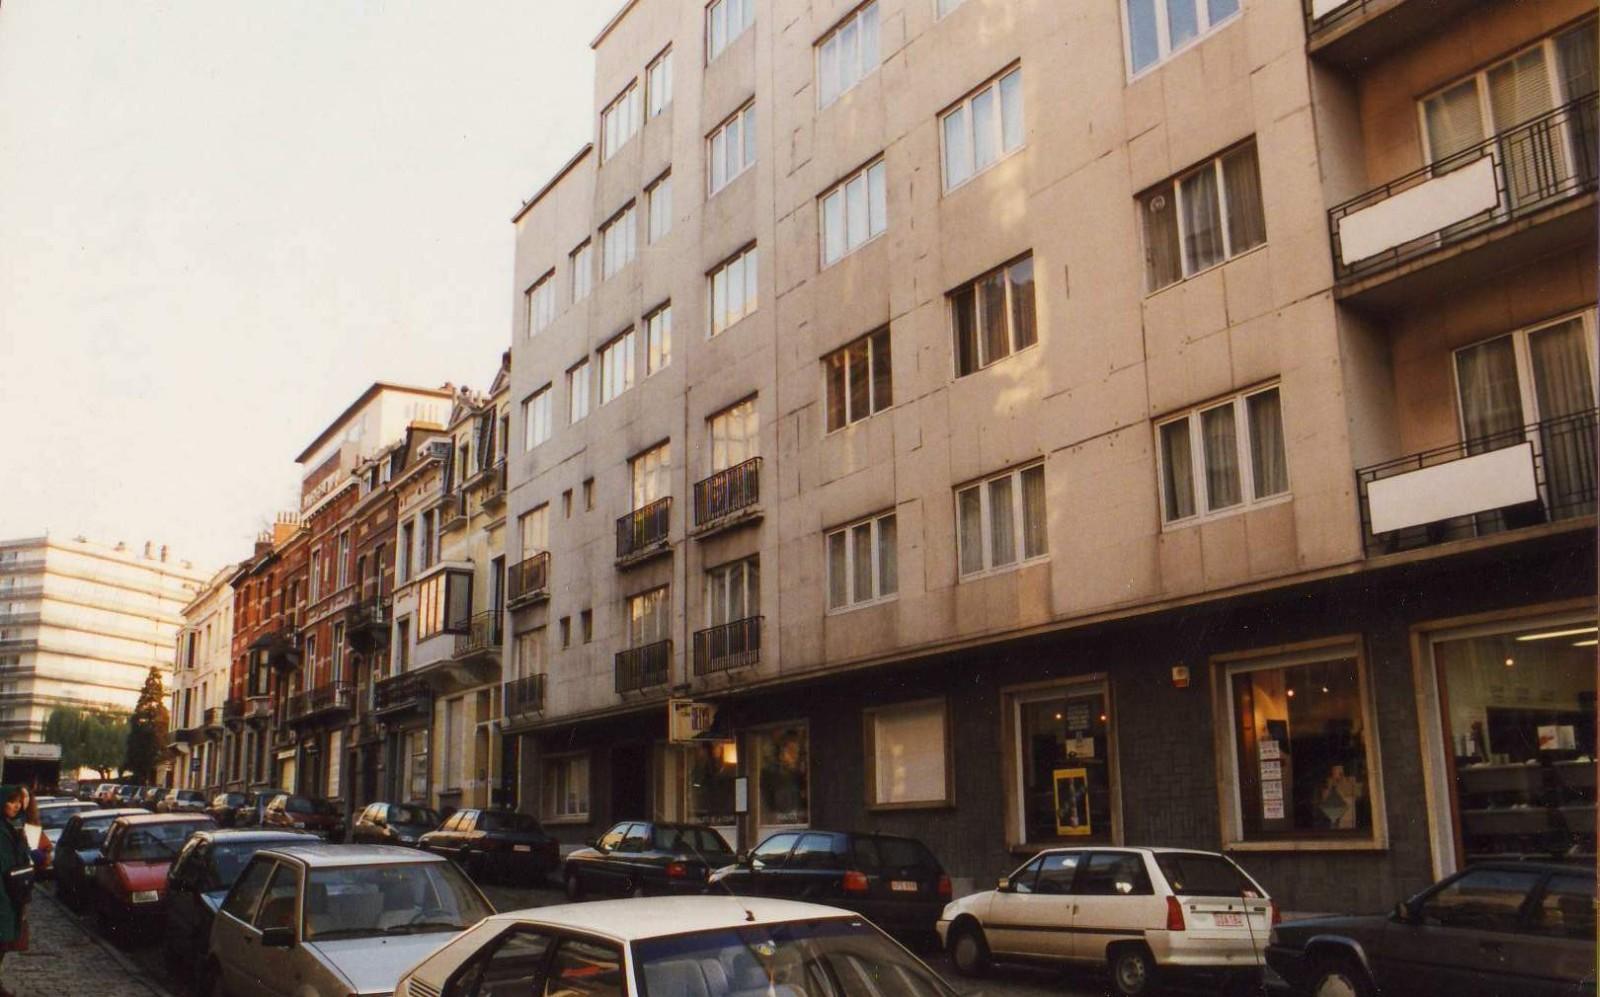 Menapiërsstraat, onpare zijde naar Stafhouder Braffortstraat., 1993